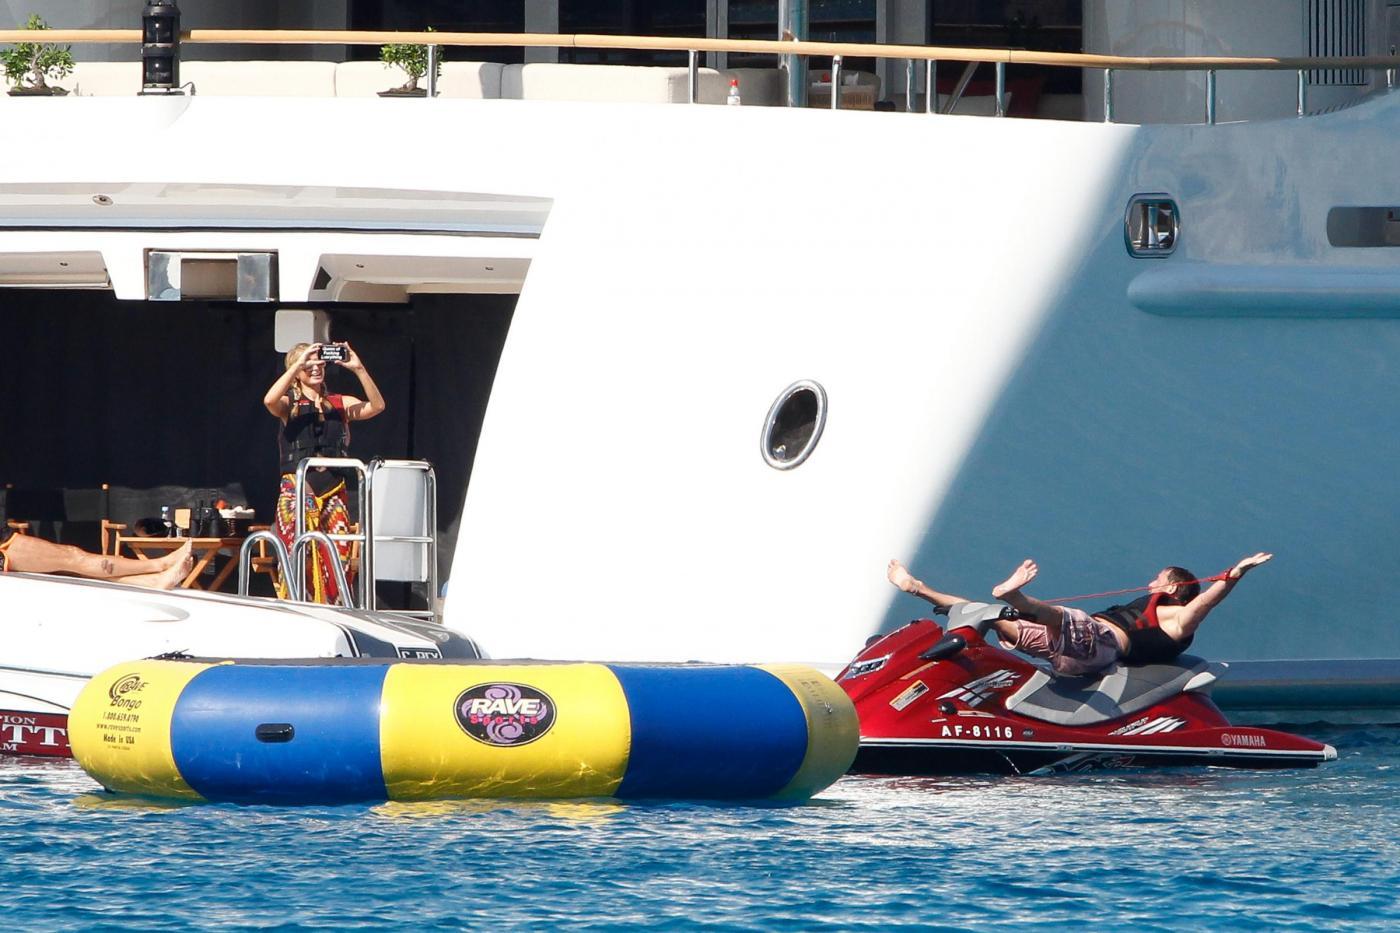 Paris Hilton e fidanzato a Formentera: sole, amore e yacht da sogno11